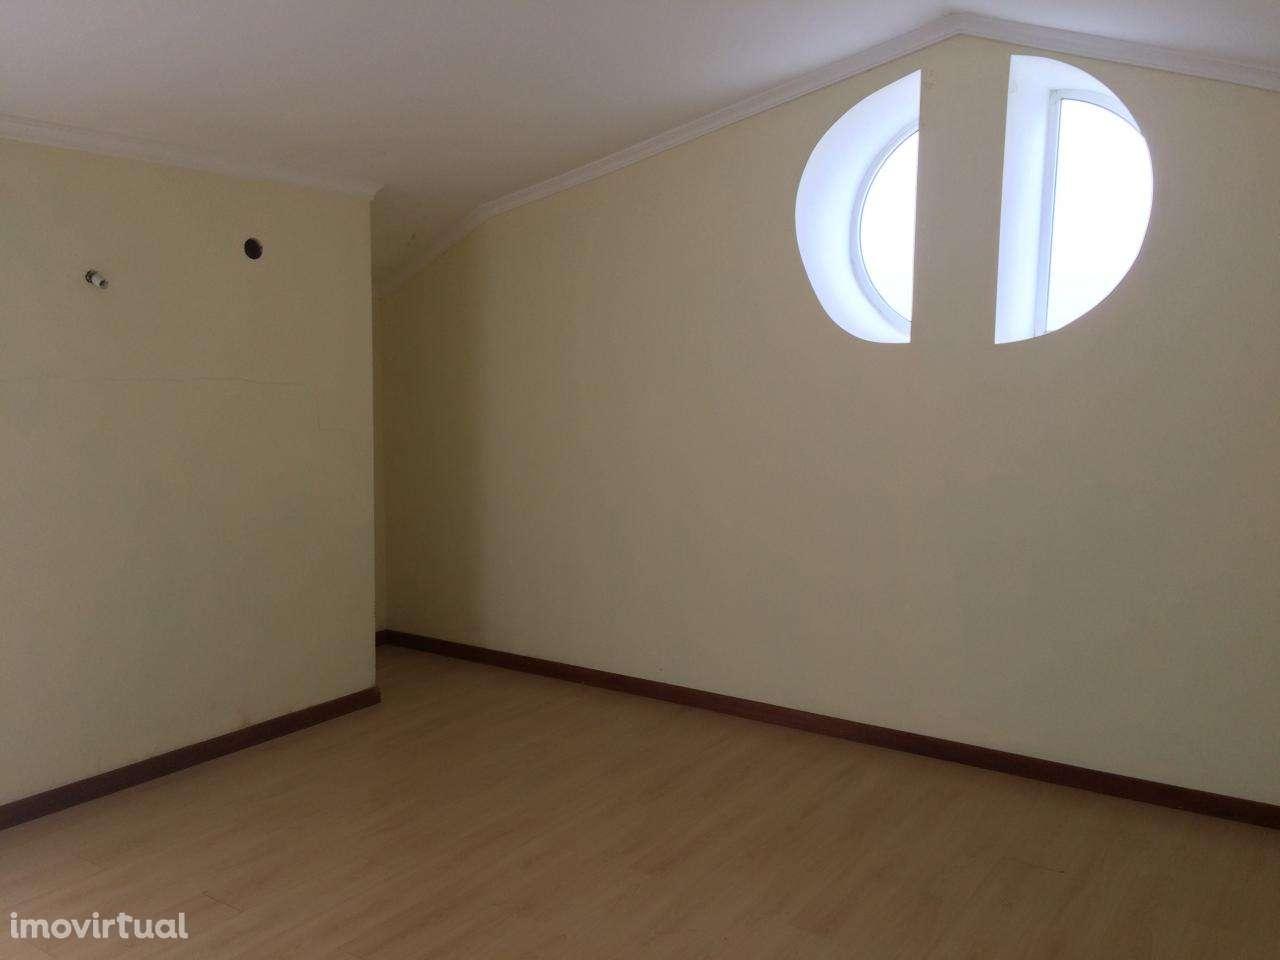 Apartamento para comprar, Palhaça, Oliveira do Bairro, Aveiro - Foto 14